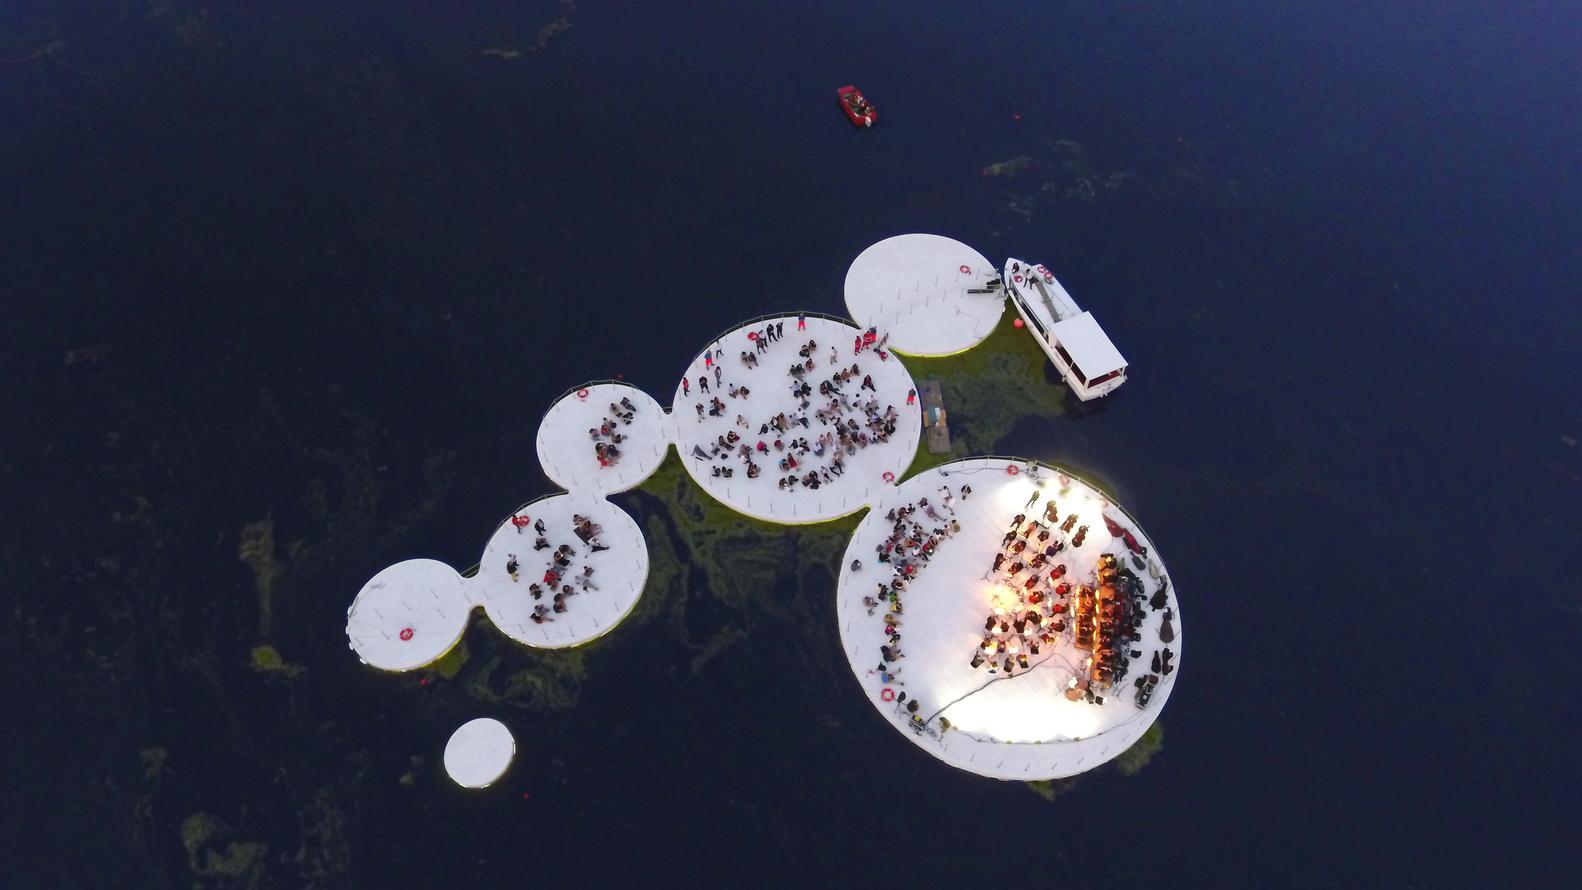 01-instalacao-aquatica-praca-flutuante-italia-mantova-arcipelago-di-ocno